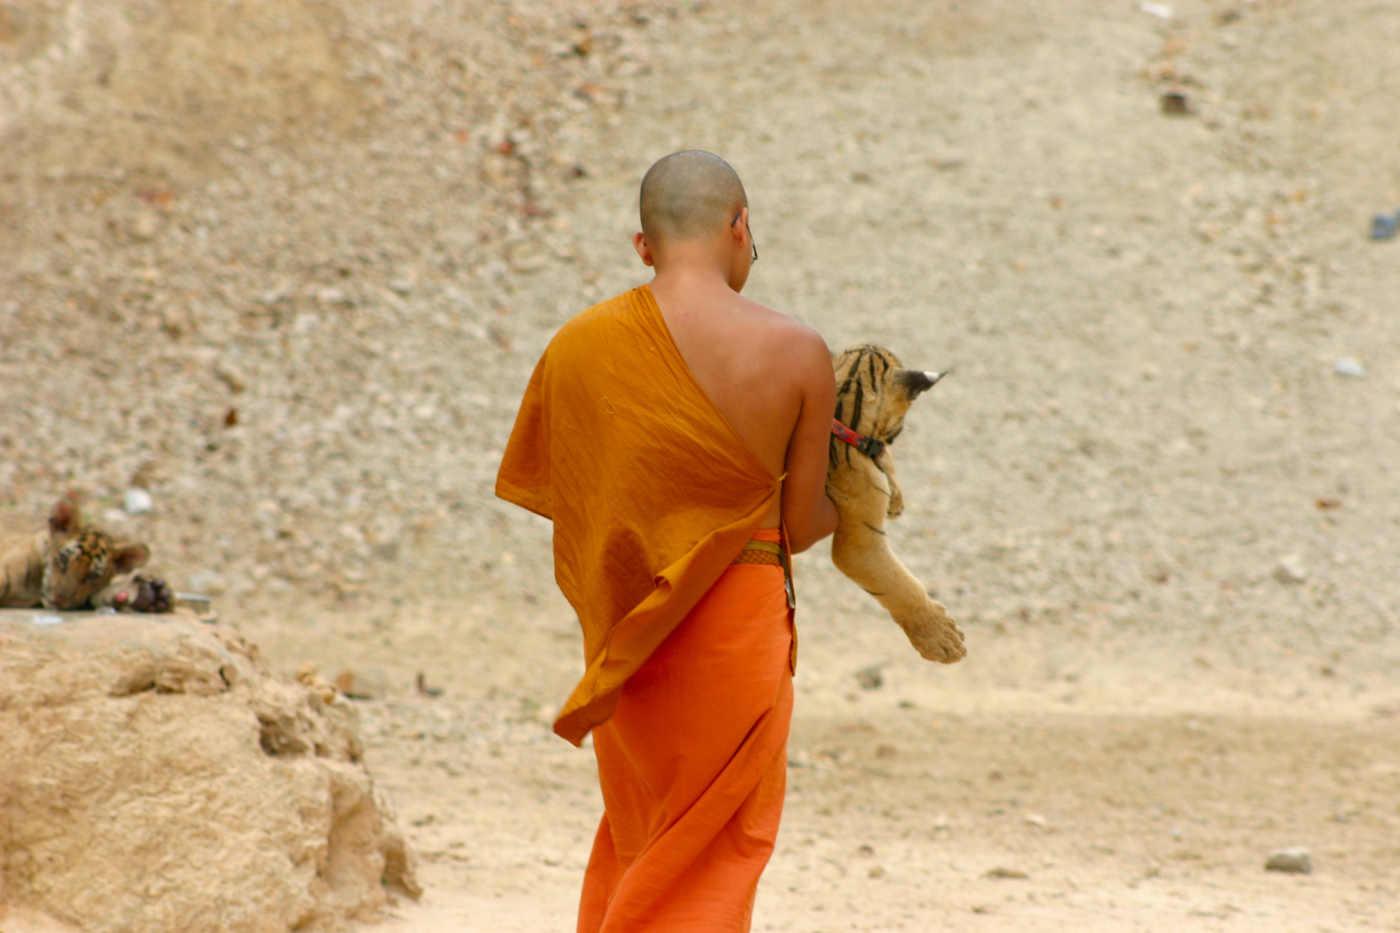 Junger Mönch trägt Tigerbaby: Der Tigertempel Wat Pa Luang Ta Bua Yannasampanno in Ratchaburi in Thailand ist tief in den illegalen Wildtierhandel verstrickt